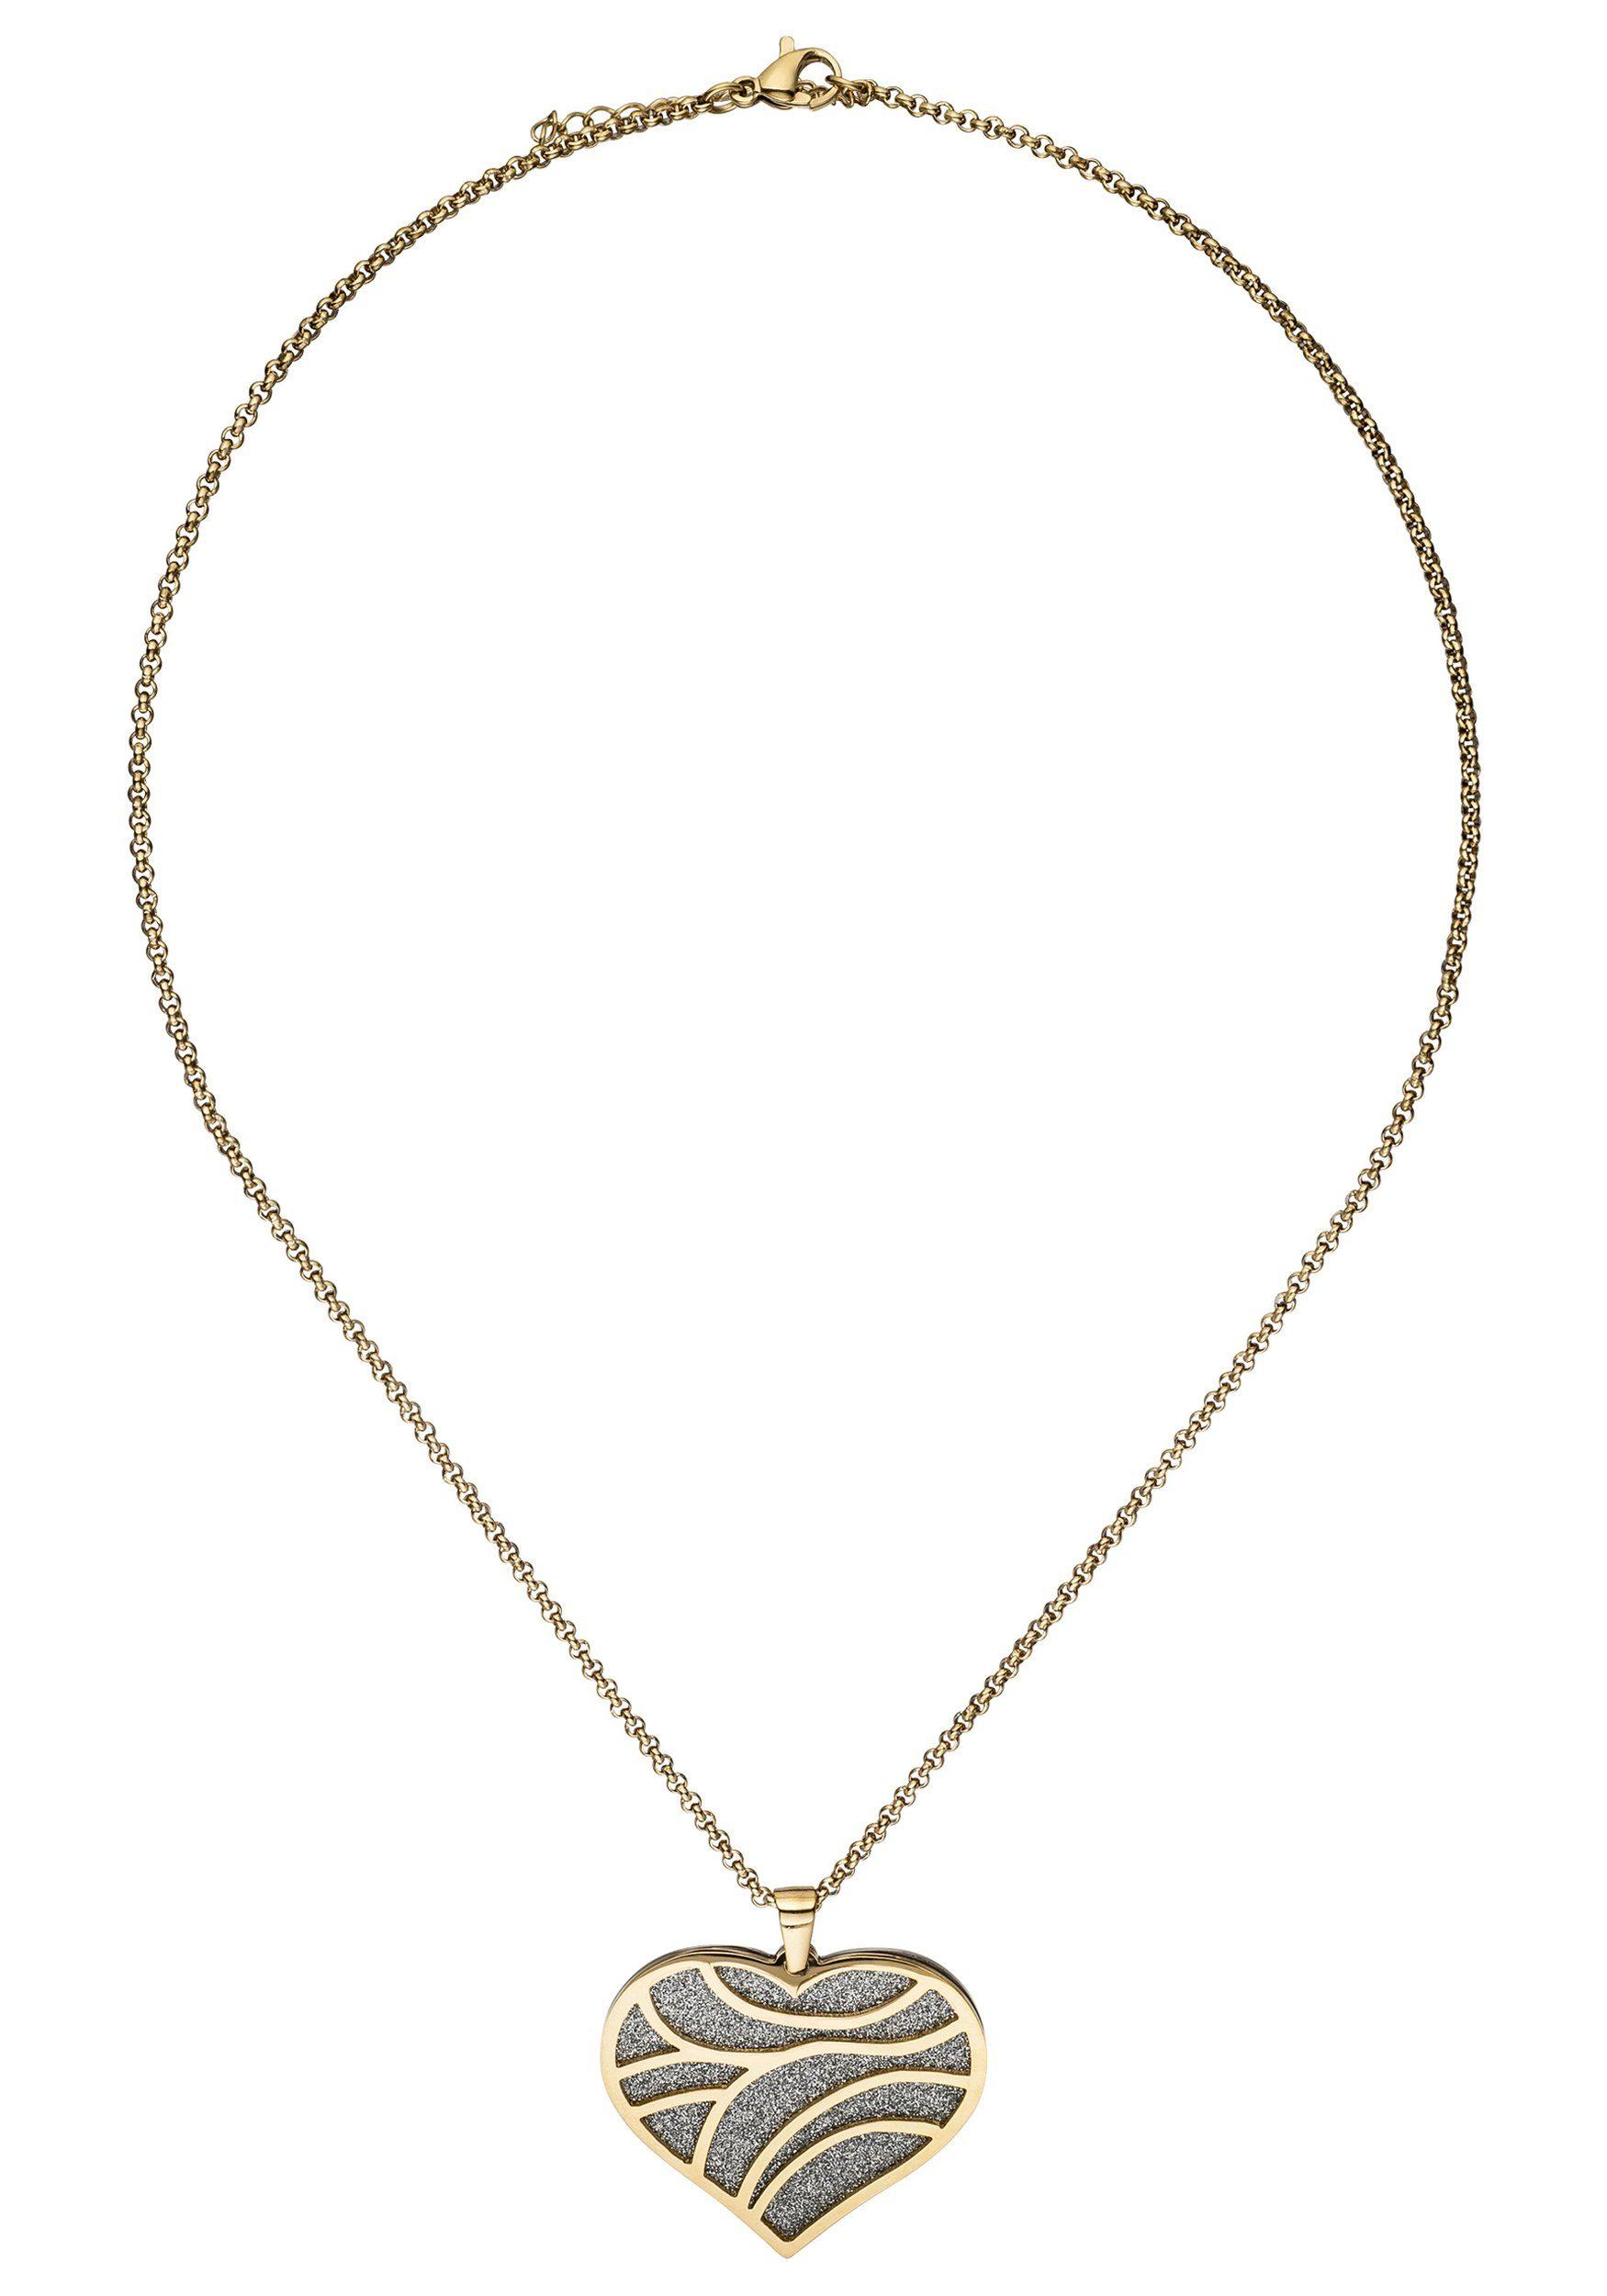 JOBO Kette mit Anhänger Herz Edelstahl goldfarben 47 cm